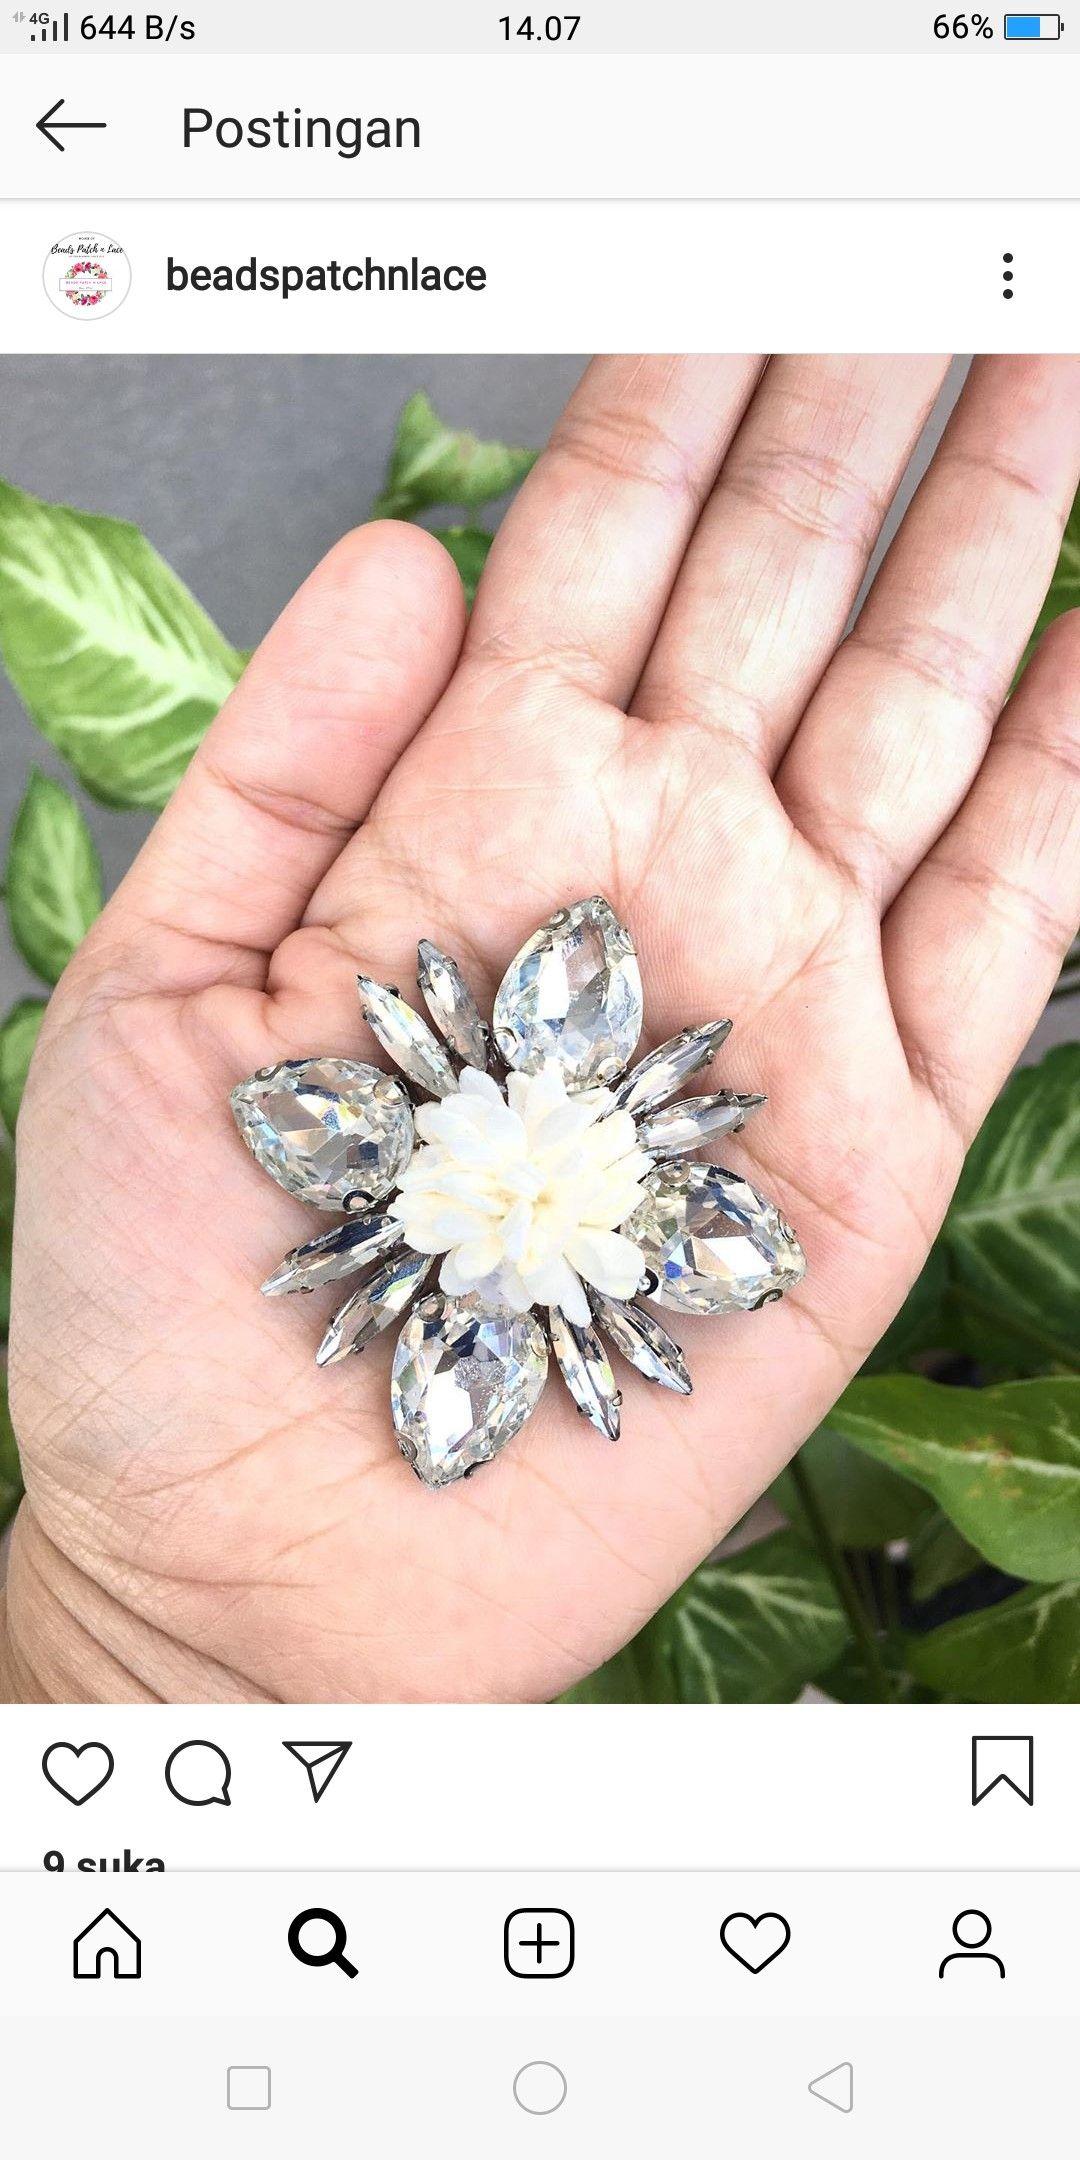 Pin By Iislupitawati Iislupitawati On Lace Riben Shoes Engagement Rings Floral Rings Jewelry